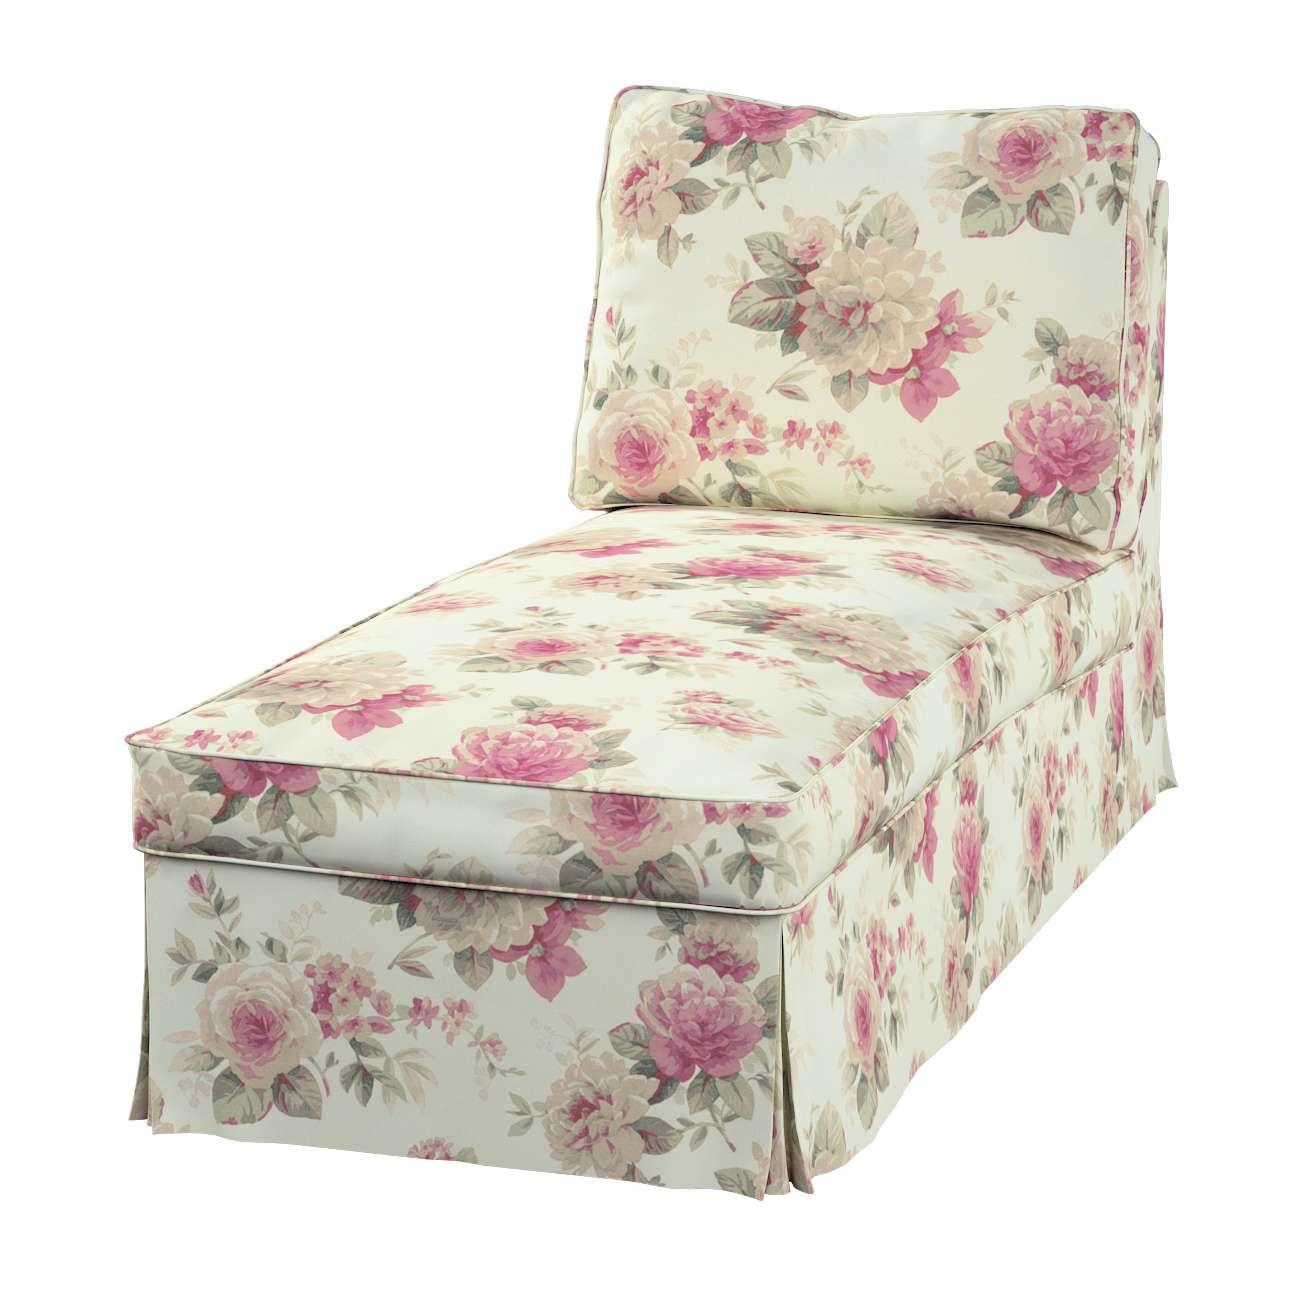 Ektorp gulimojo krėslo užvalkalas (be porankių, tiesus atlošas) Ektorp gulimasis krėslas be porankių, tiesiu atlošu, be suapavalinimų kolekcijoje Mirella, audinys: 141-07